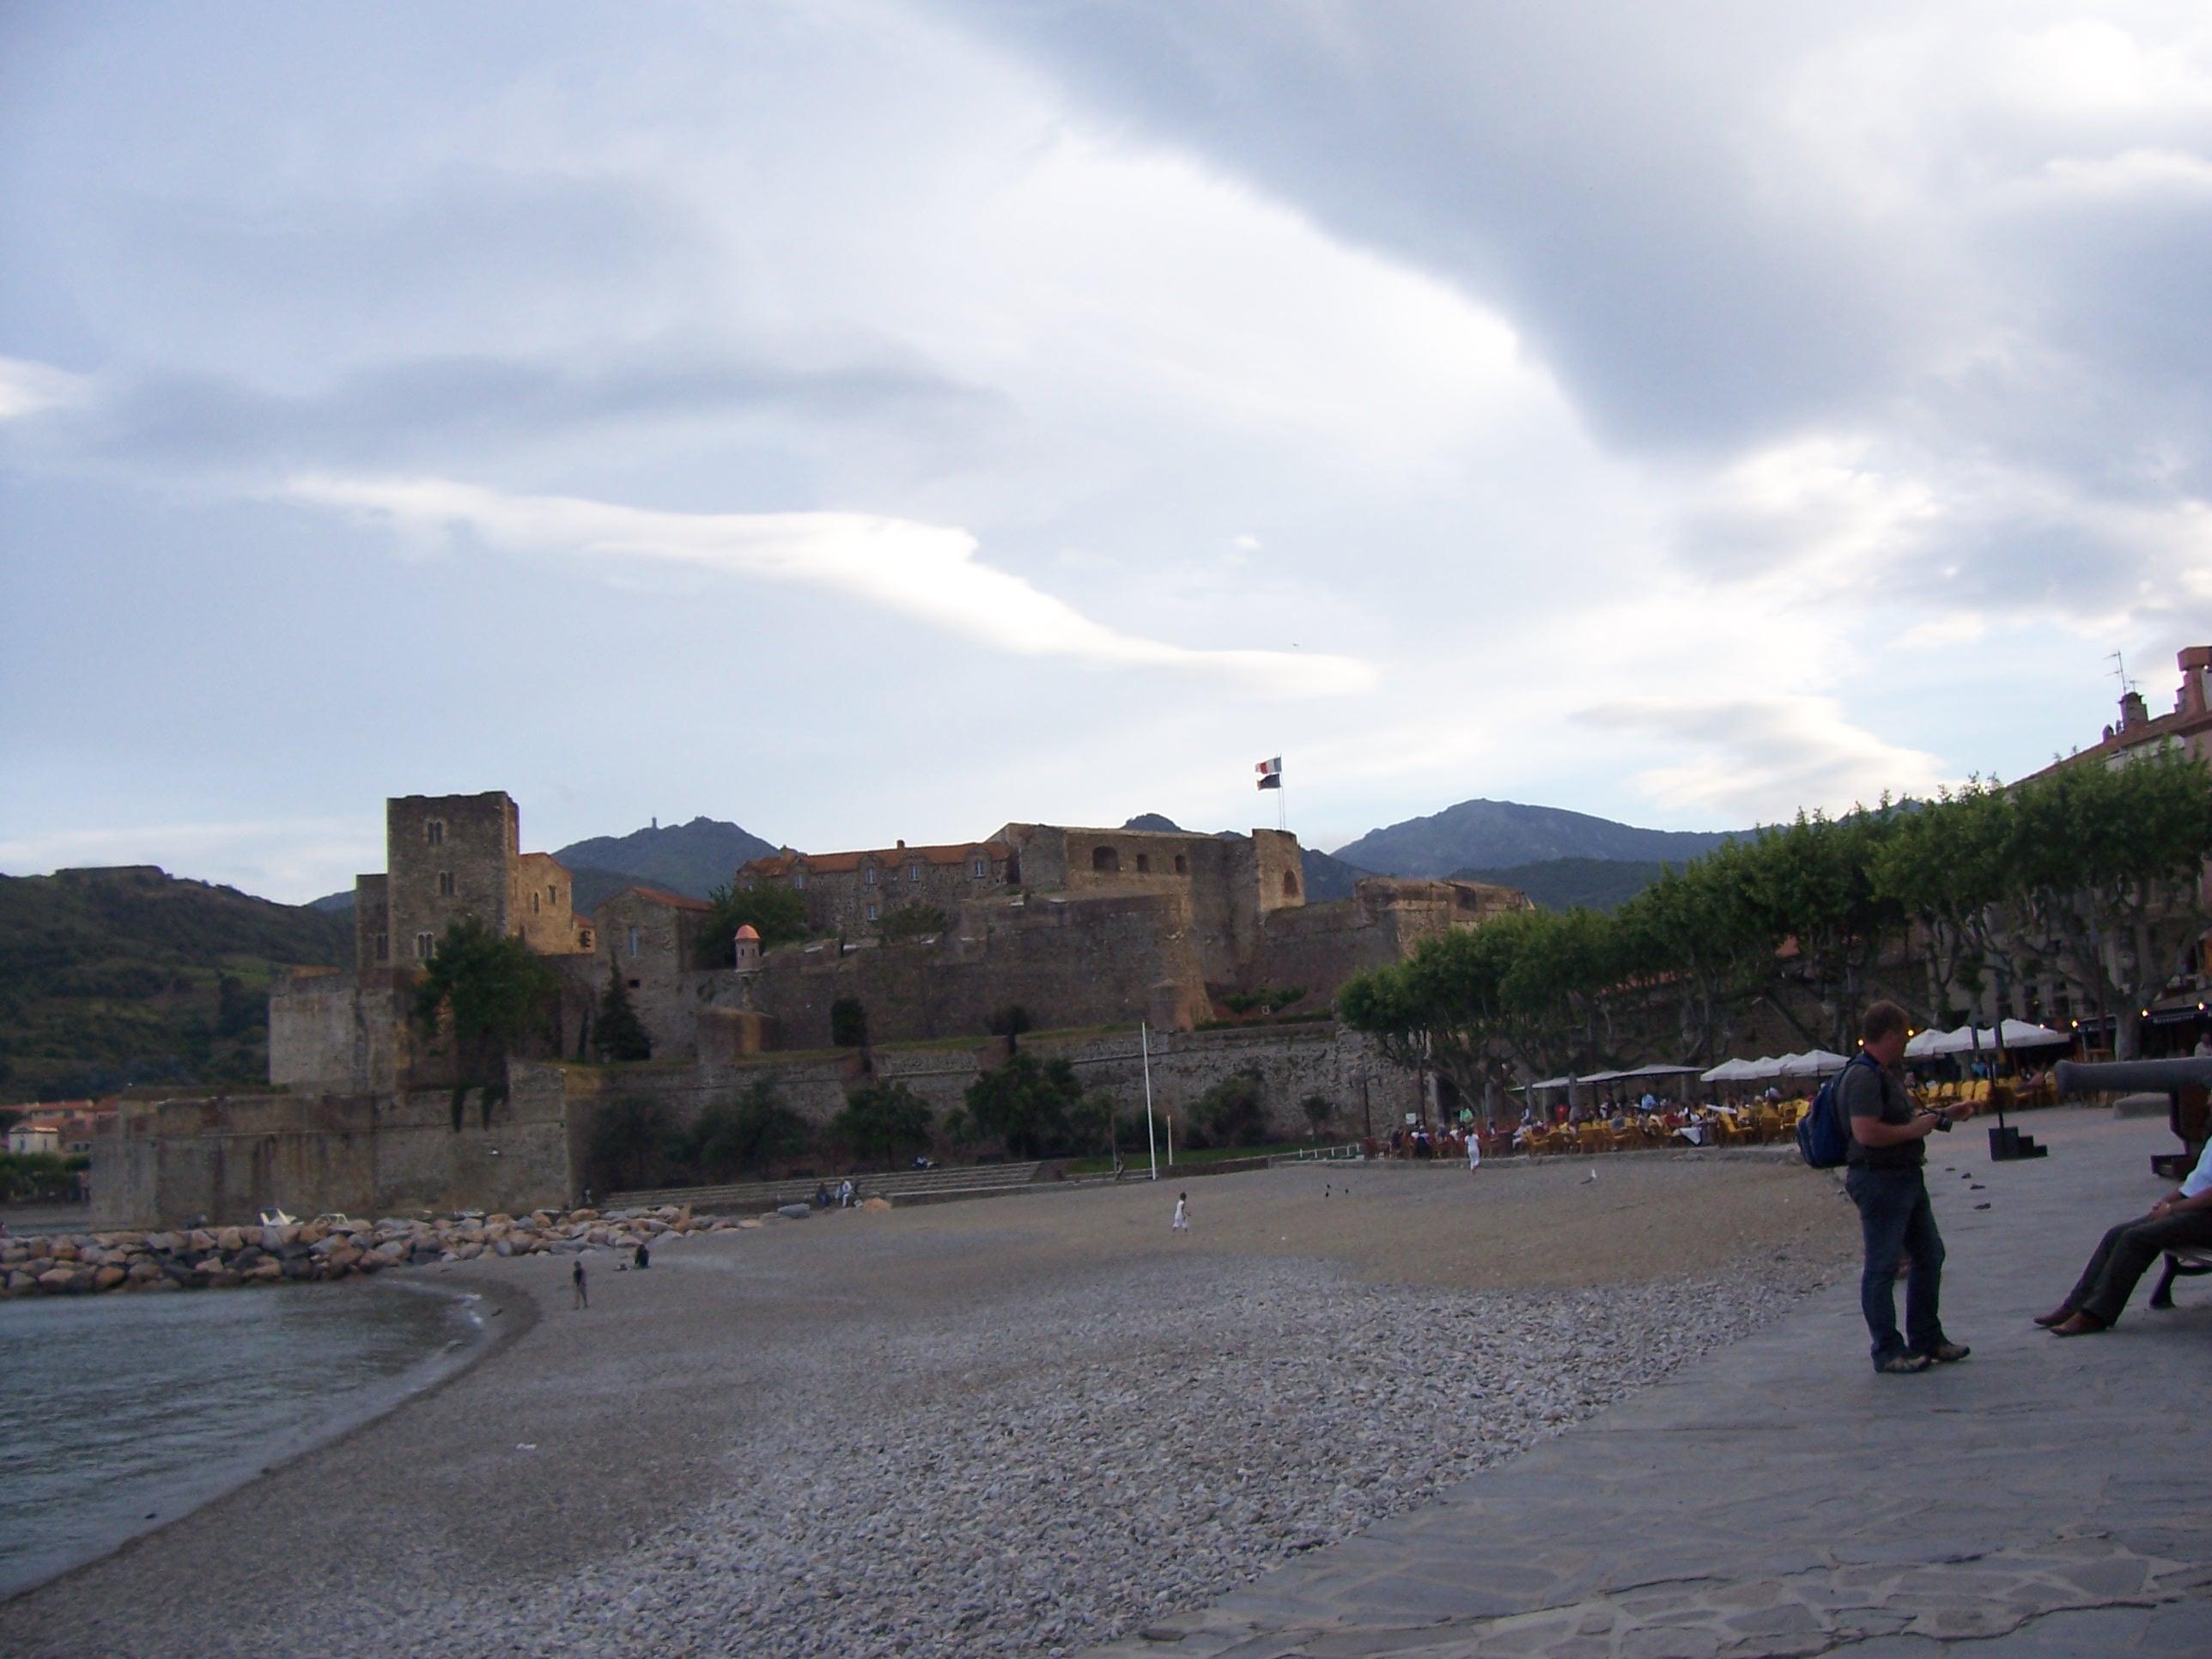 Город кальюр collioure находится на